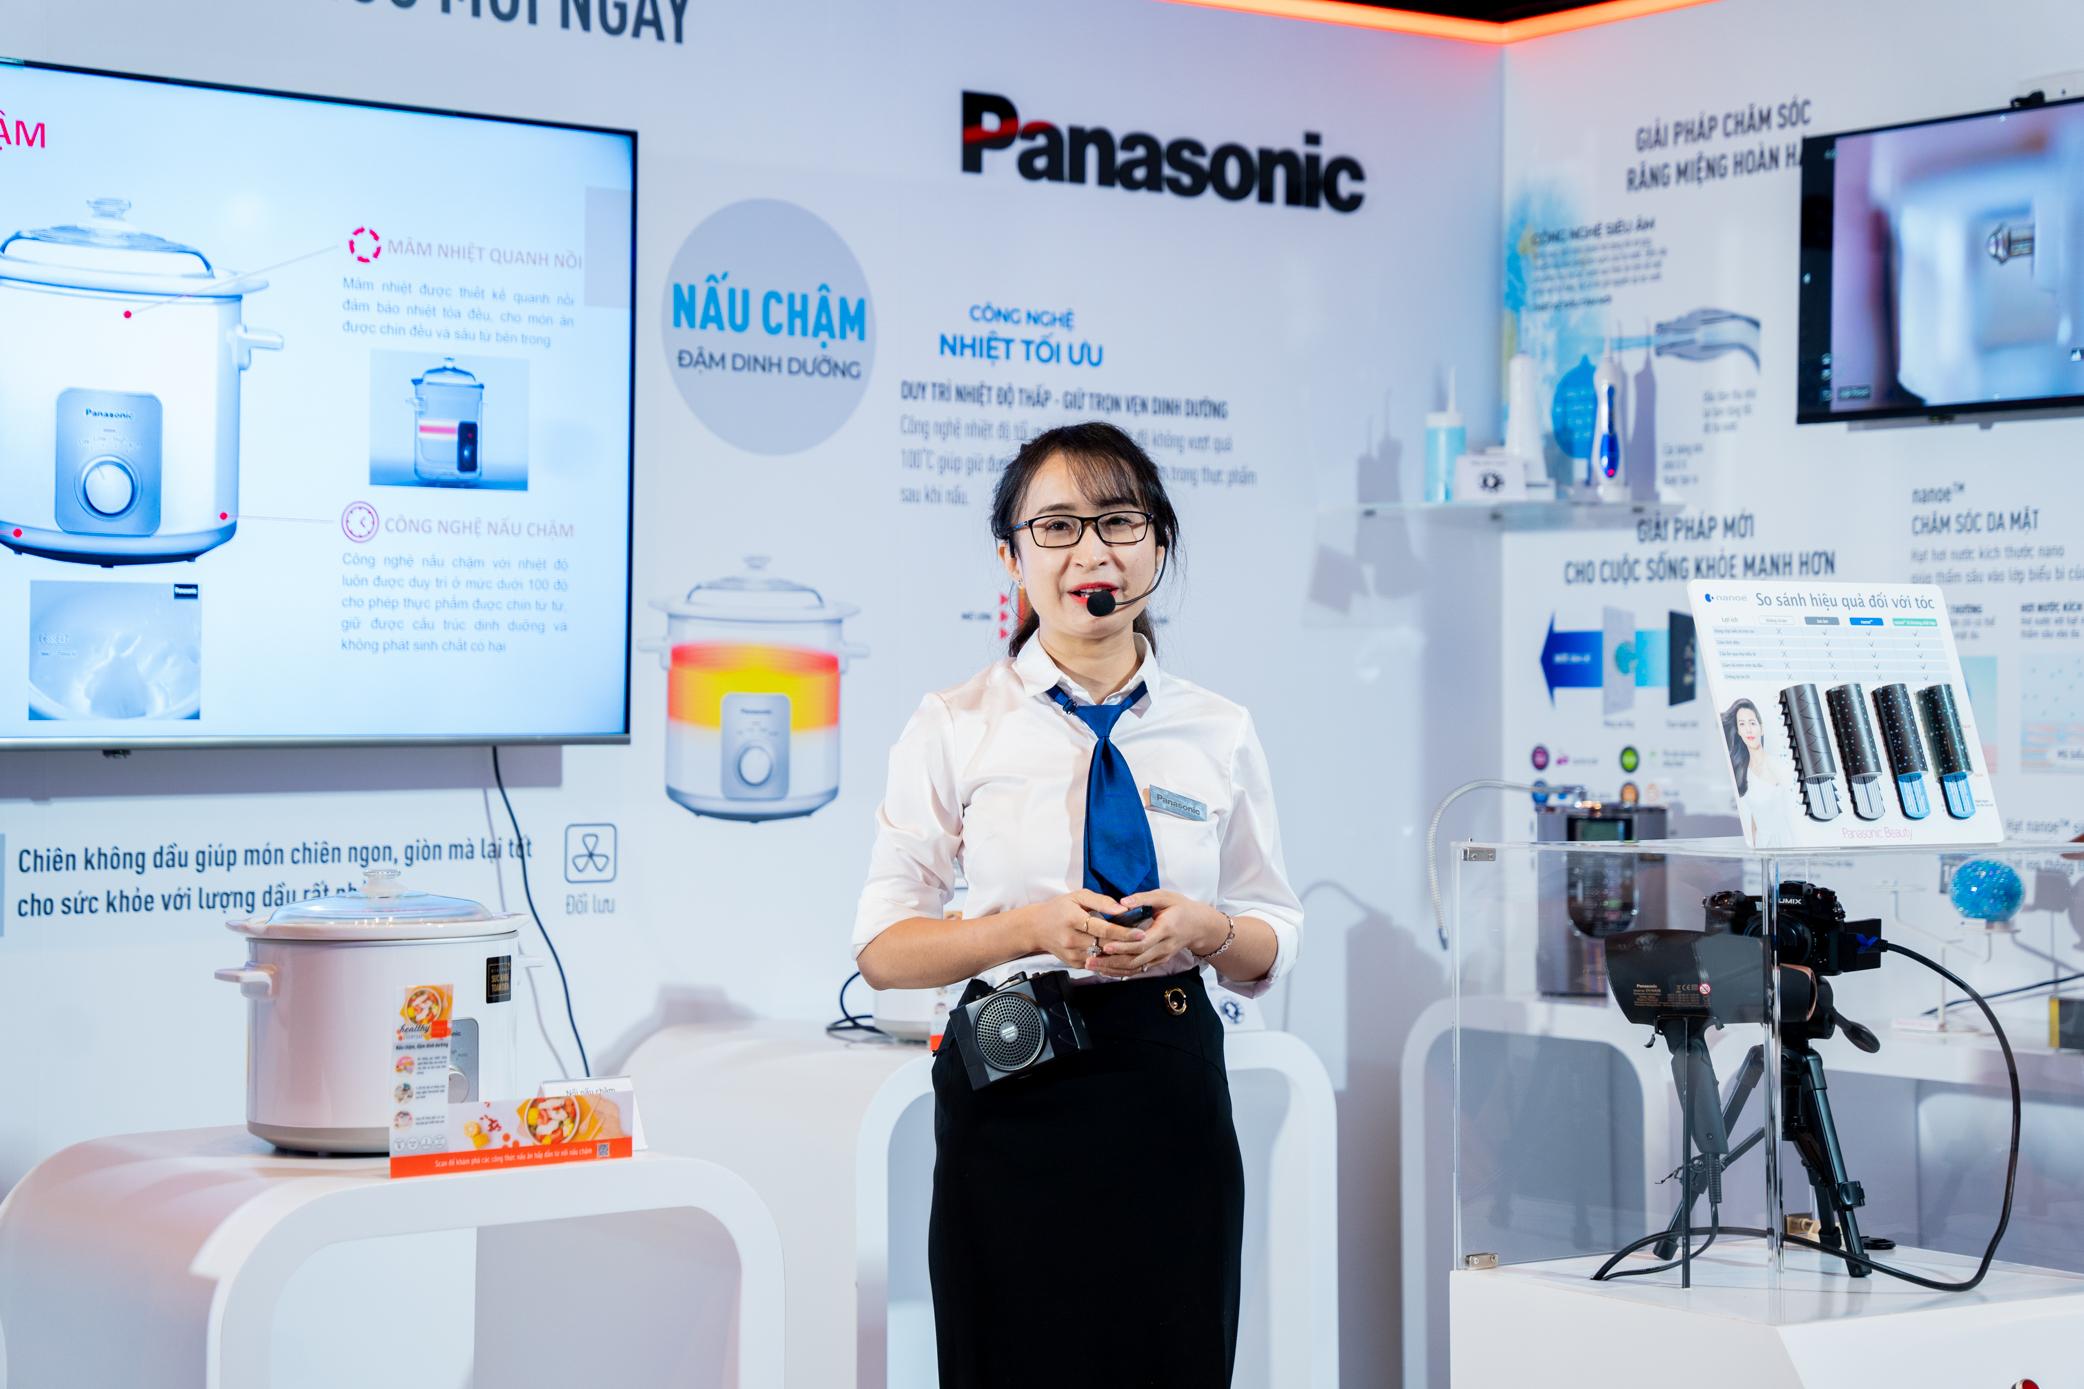 Panasonic giới thiệu bộ giải pháp sức khỏe toàn diện với công nghệ tiên tiến hiện đại